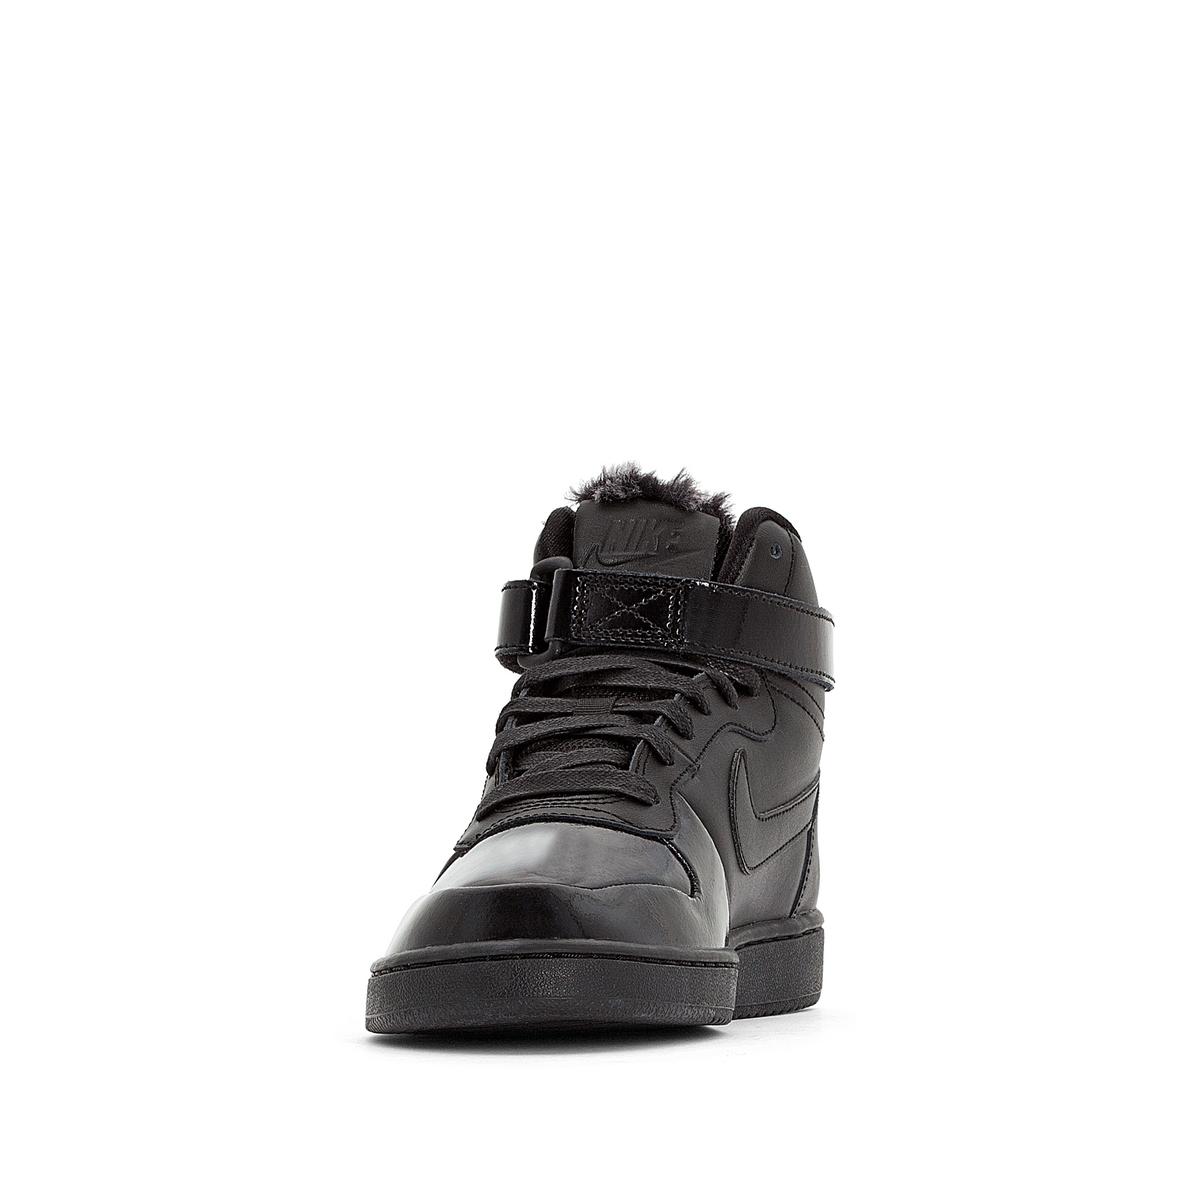 Imagen secundaria de producto de Zapatillas de caña alta Ebernon Mid Premium - Nike